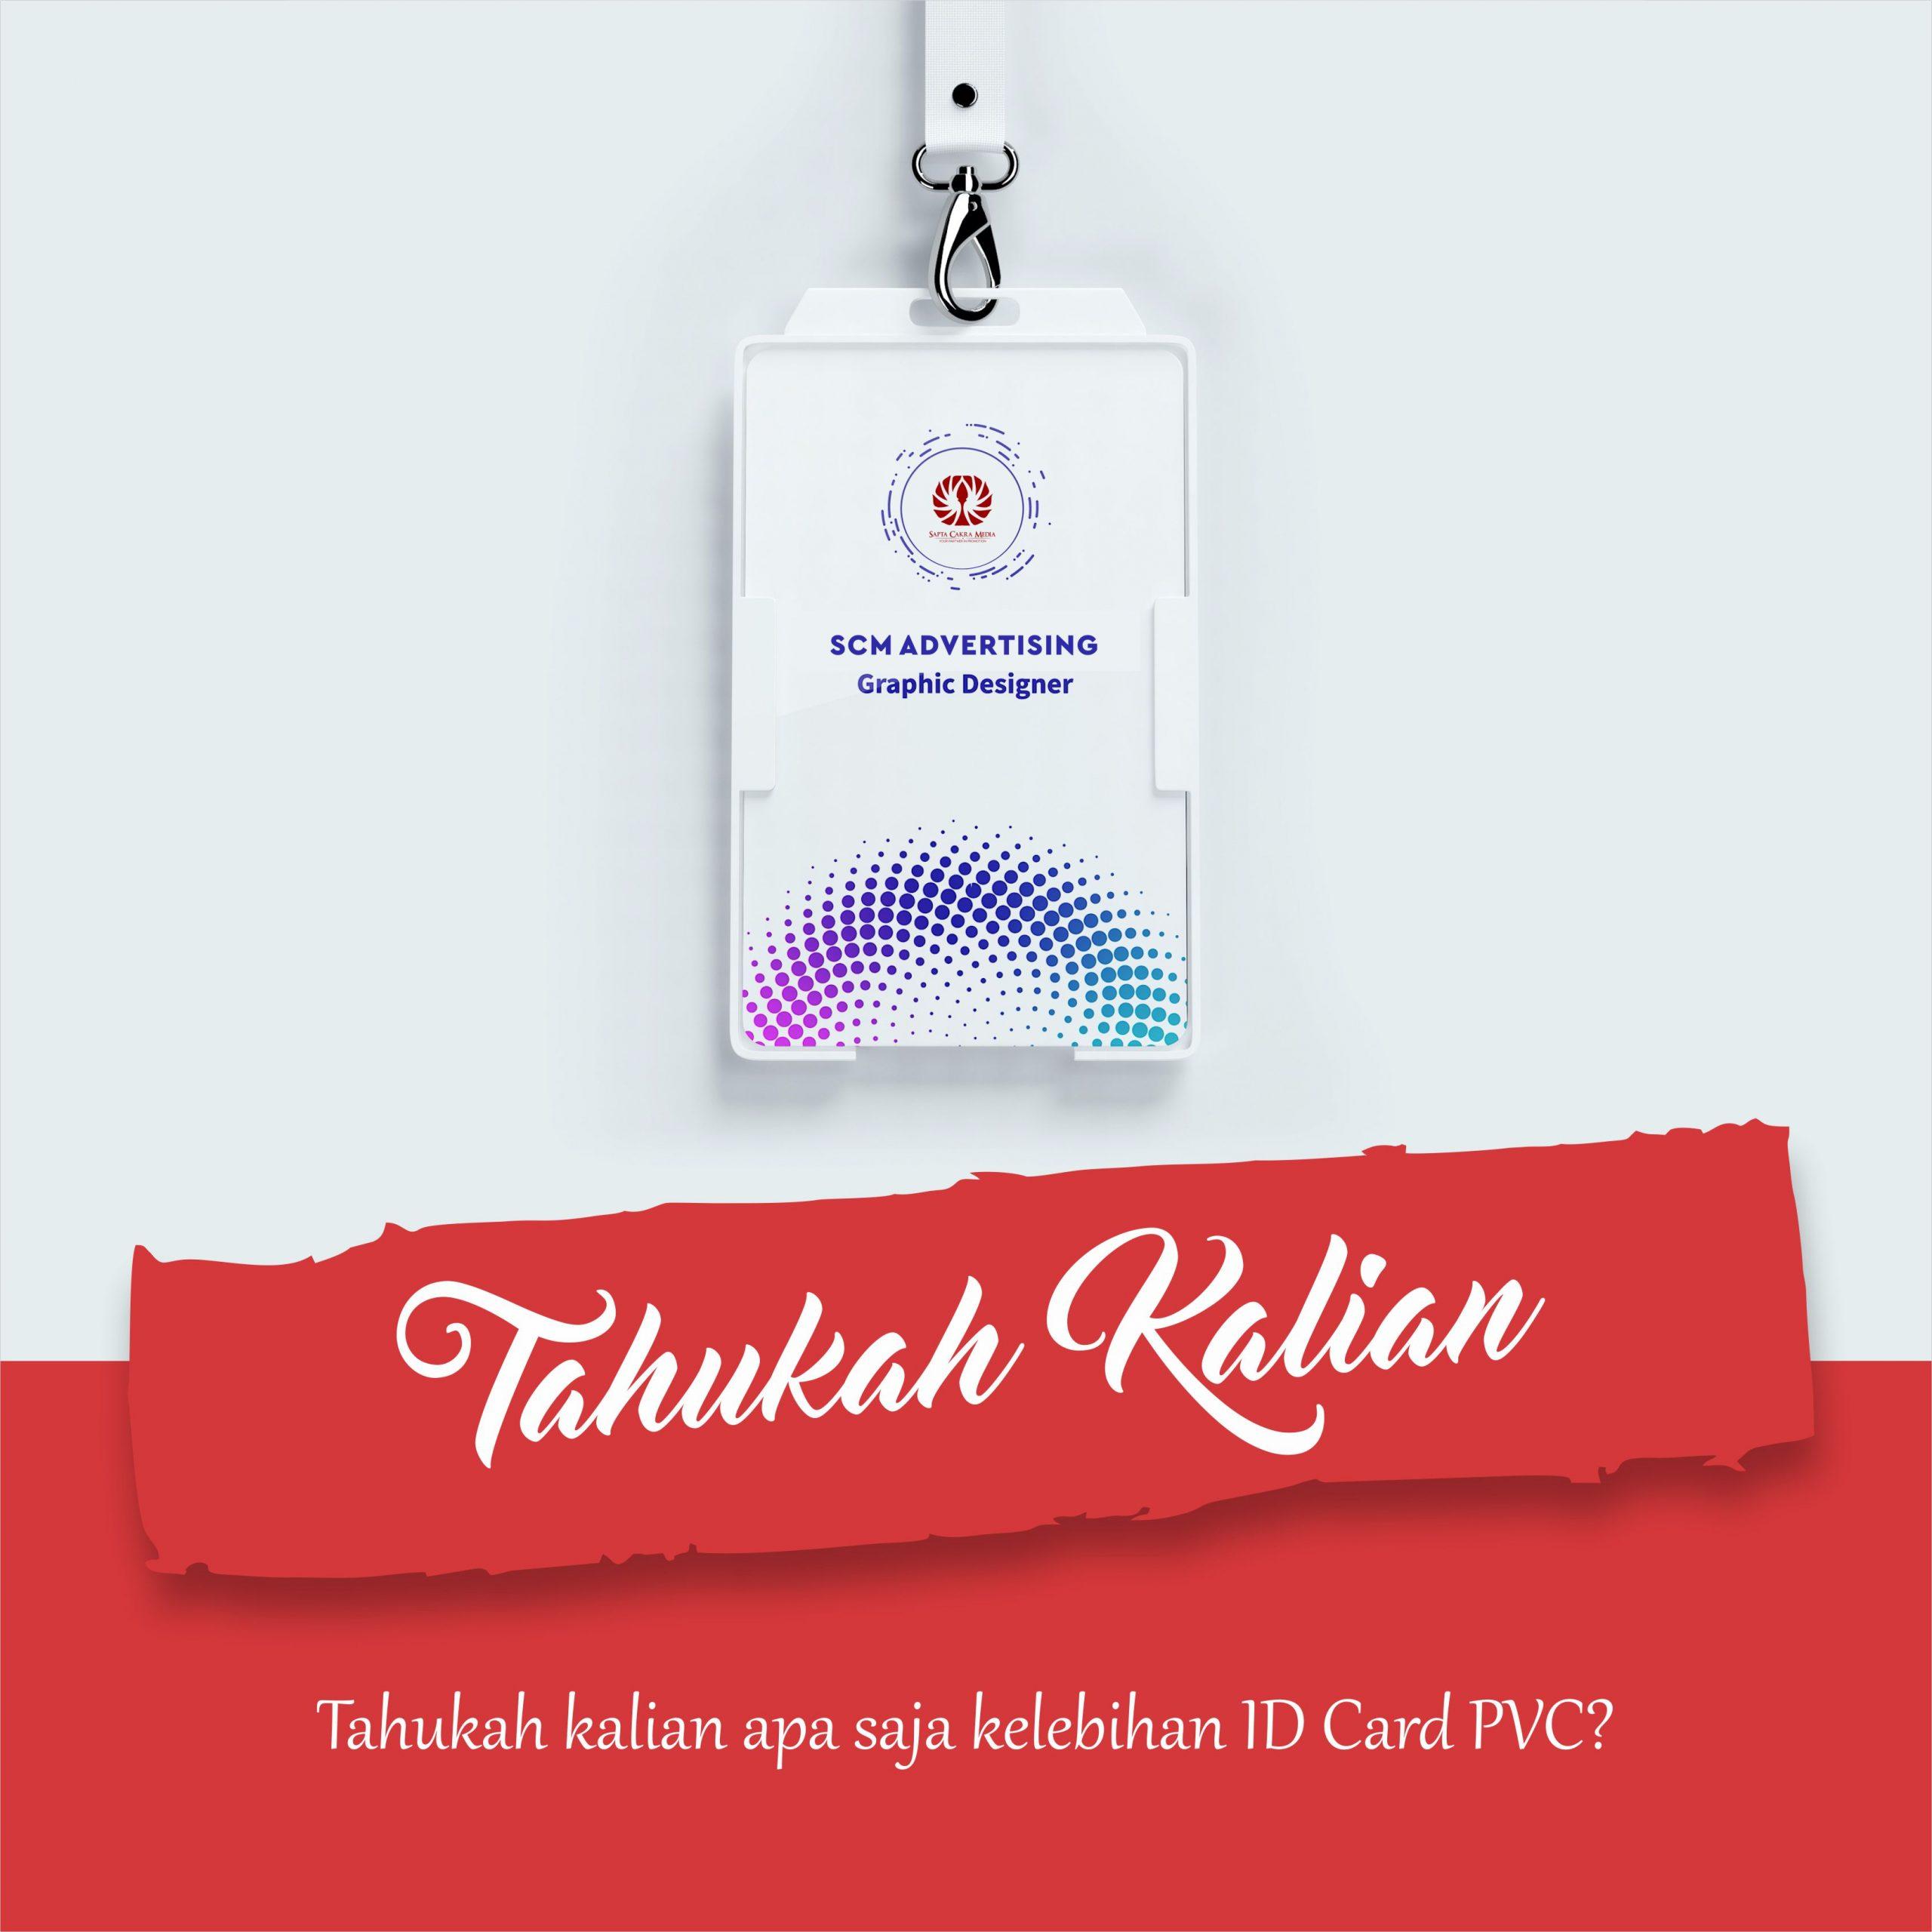 apa saja kelebihan ID Card PVC